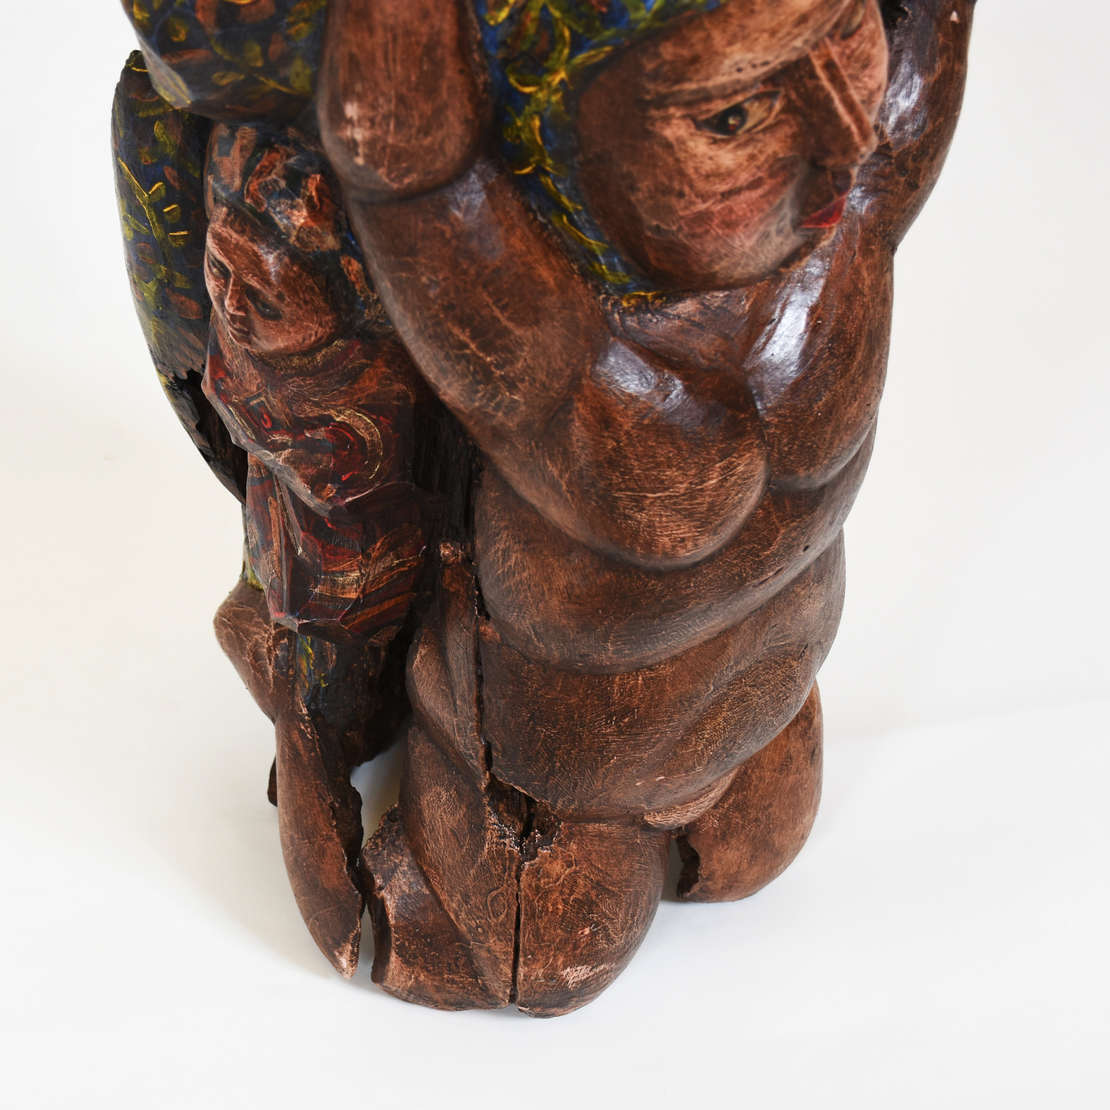 Maurino de Araújo (1943-2020), Figura feminia - Escultura em madeira talhada e policromia<br>Sem assinatura